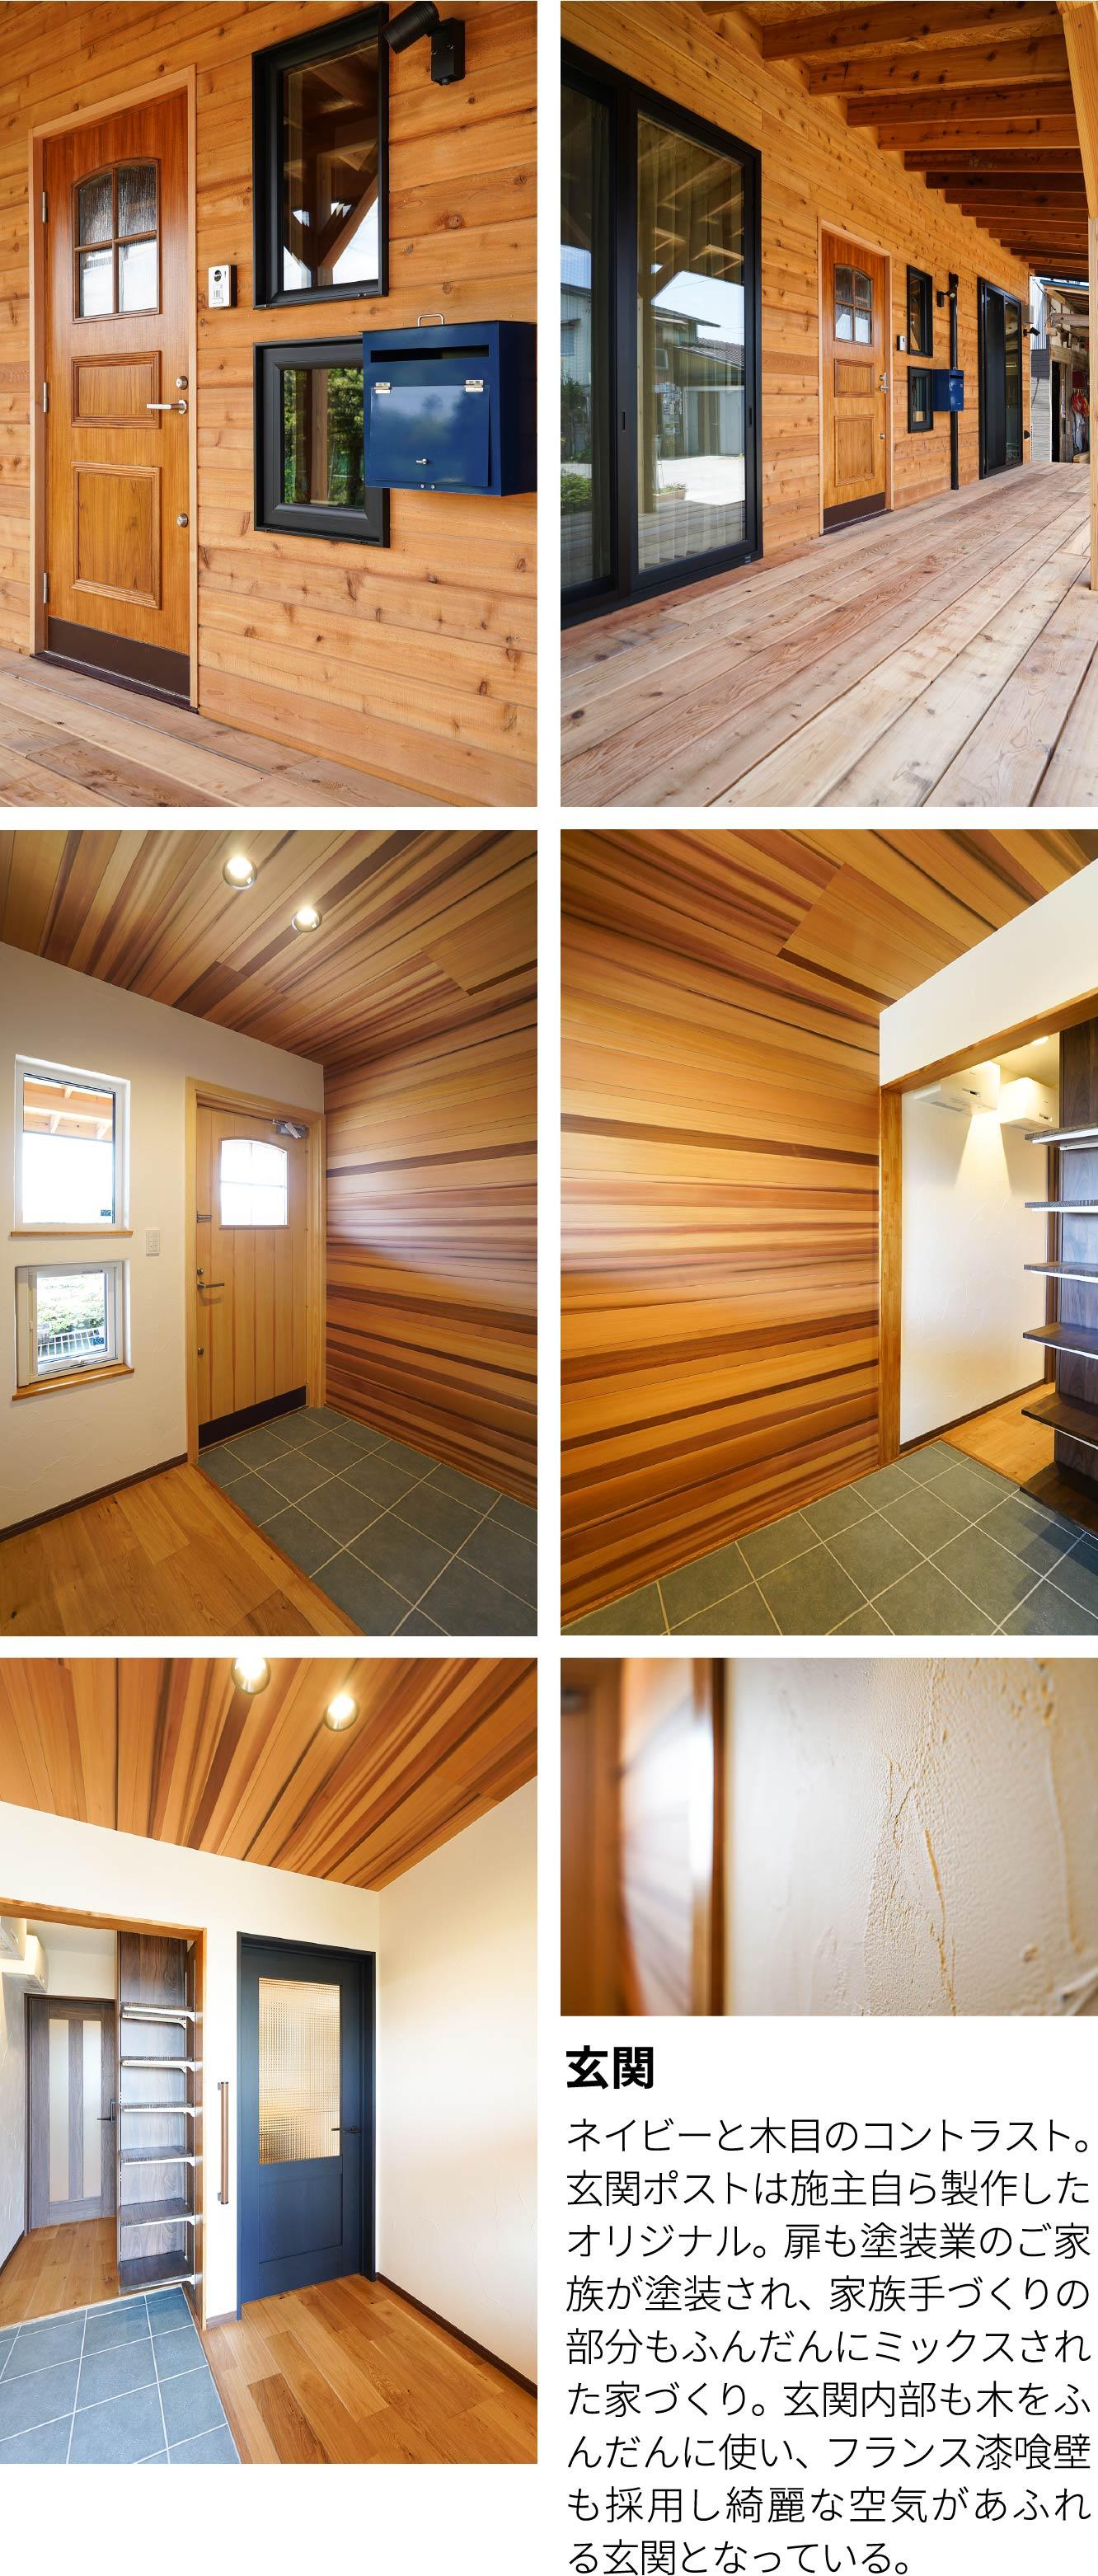 玄関ーネイビーと木目のコントラスト。玄関ポストは施主自ら製作したオリジナル。扉も塗装業のご家族が塗装され、家族手づくりの部分もふんだんにミックスされた家づくり。玄関内部も木をふんだんに使い、フランス漆喰壁も採用し綺麗な空気があふれる玄関となっている。